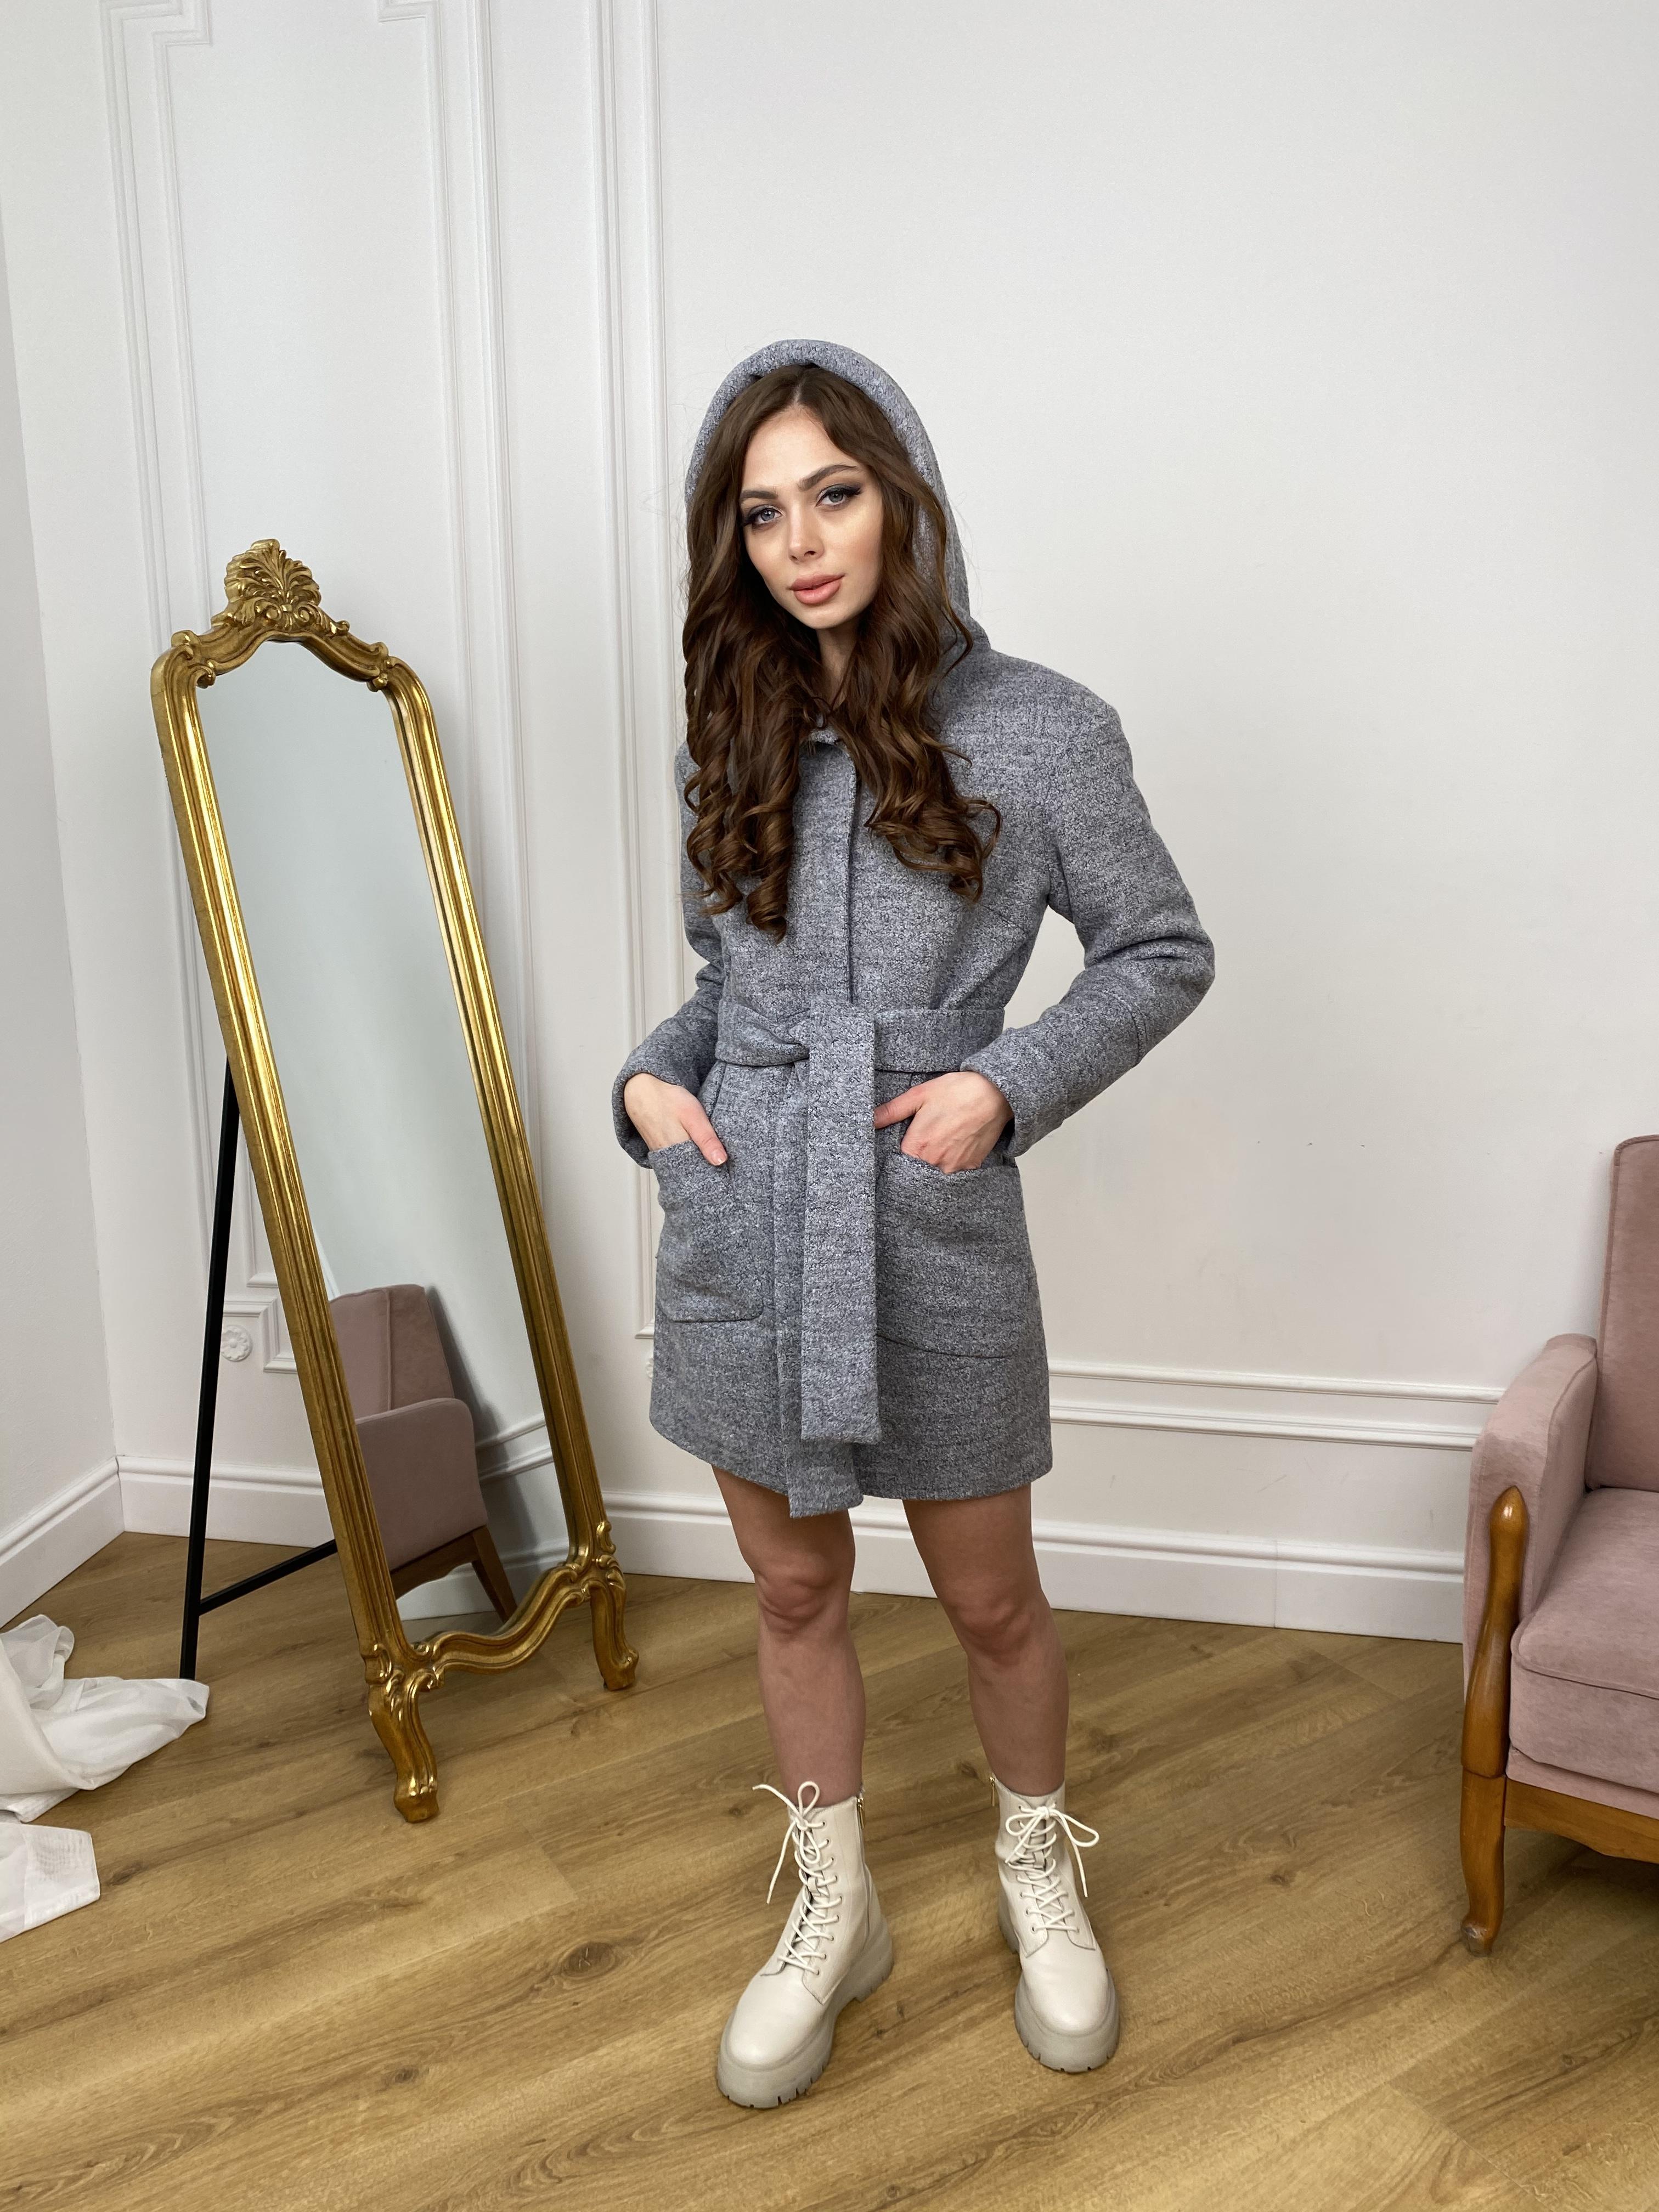 Пальто Анита 9934 АРТ. 46219 Цвет: Серый 48 - фото 3, интернет магазин tm-modus.ru